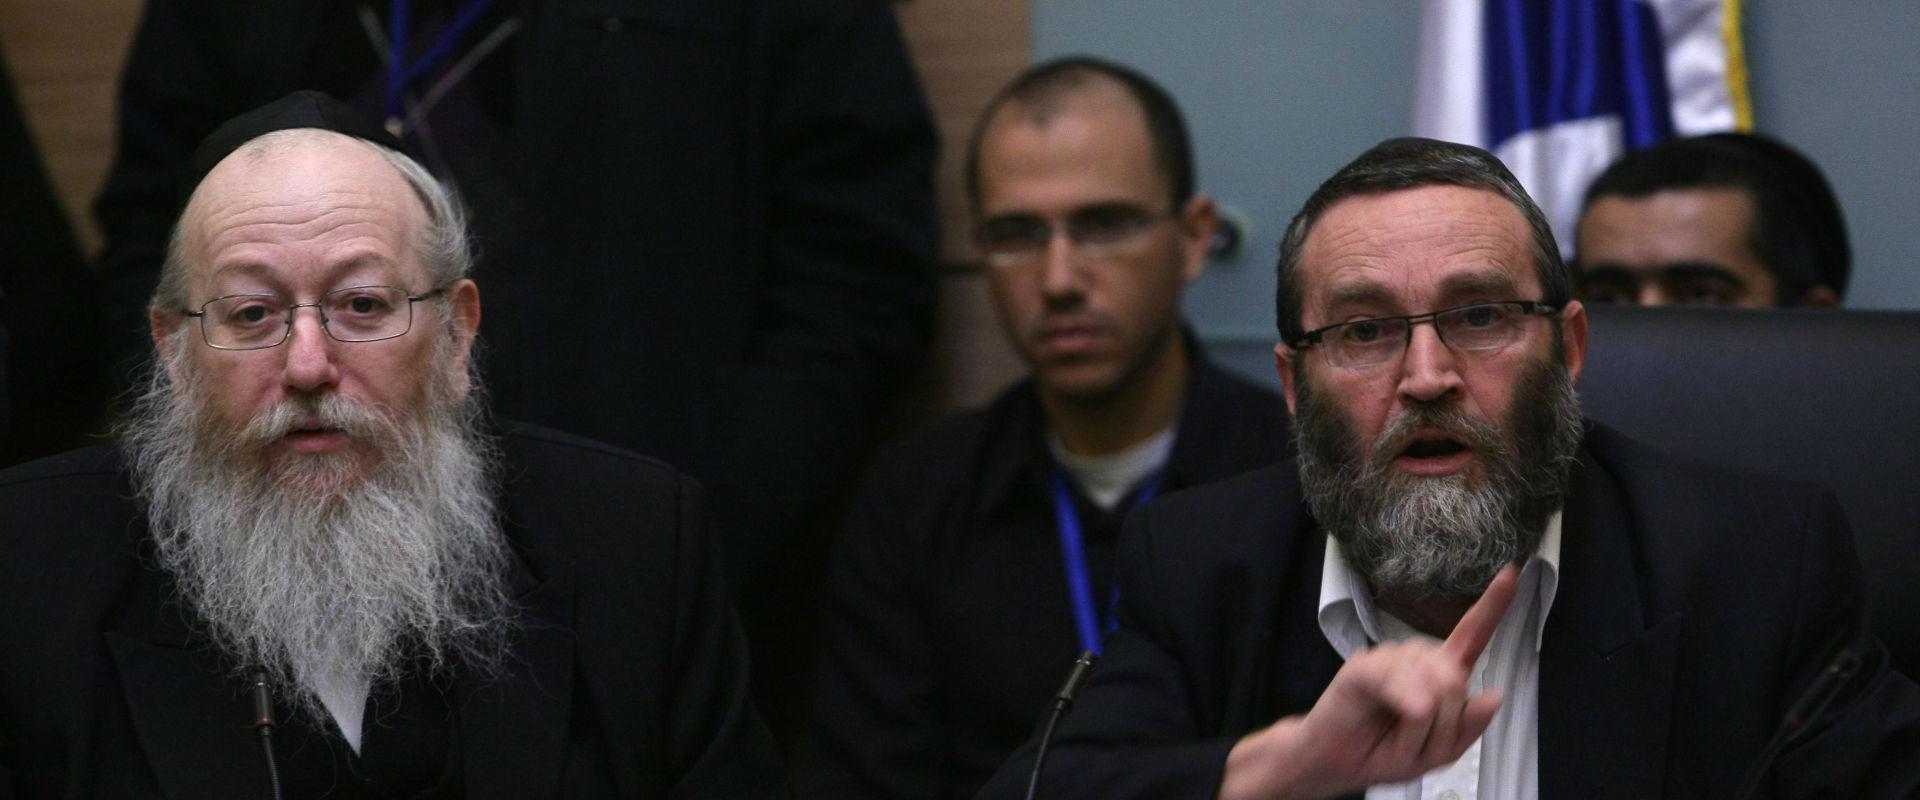 """ח""""כ משה גפני והשר יעקב ליצמן מיהדות התורה"""